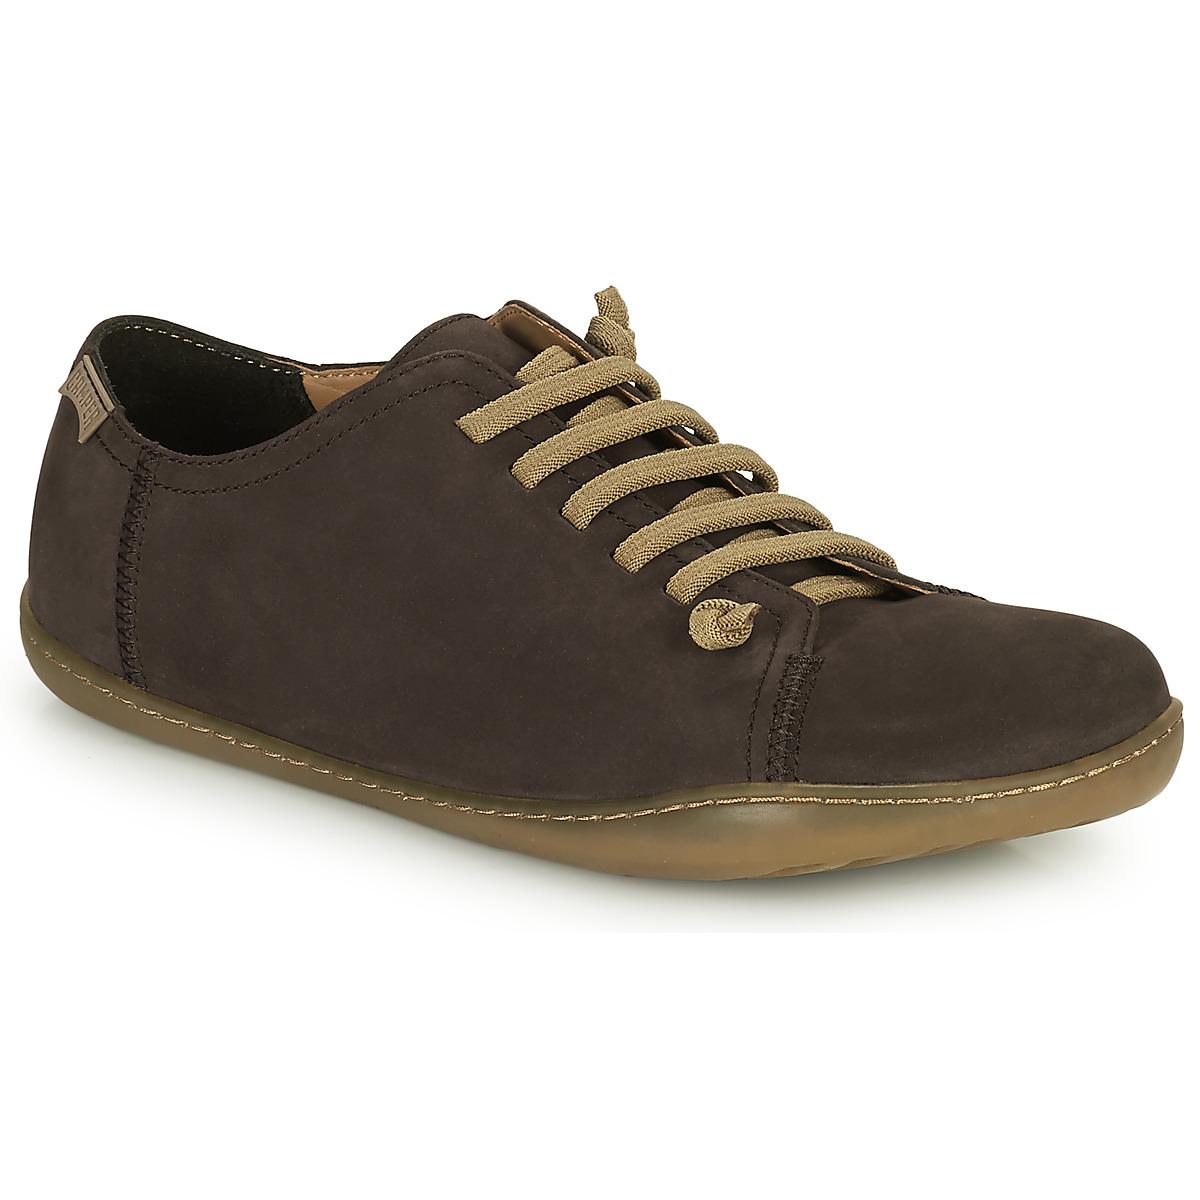 Camper PEU CAMI Braun - Kostenloser Versand bei Spartoode ! - Schuhe Derby-Schuhe Herren 128,00 €